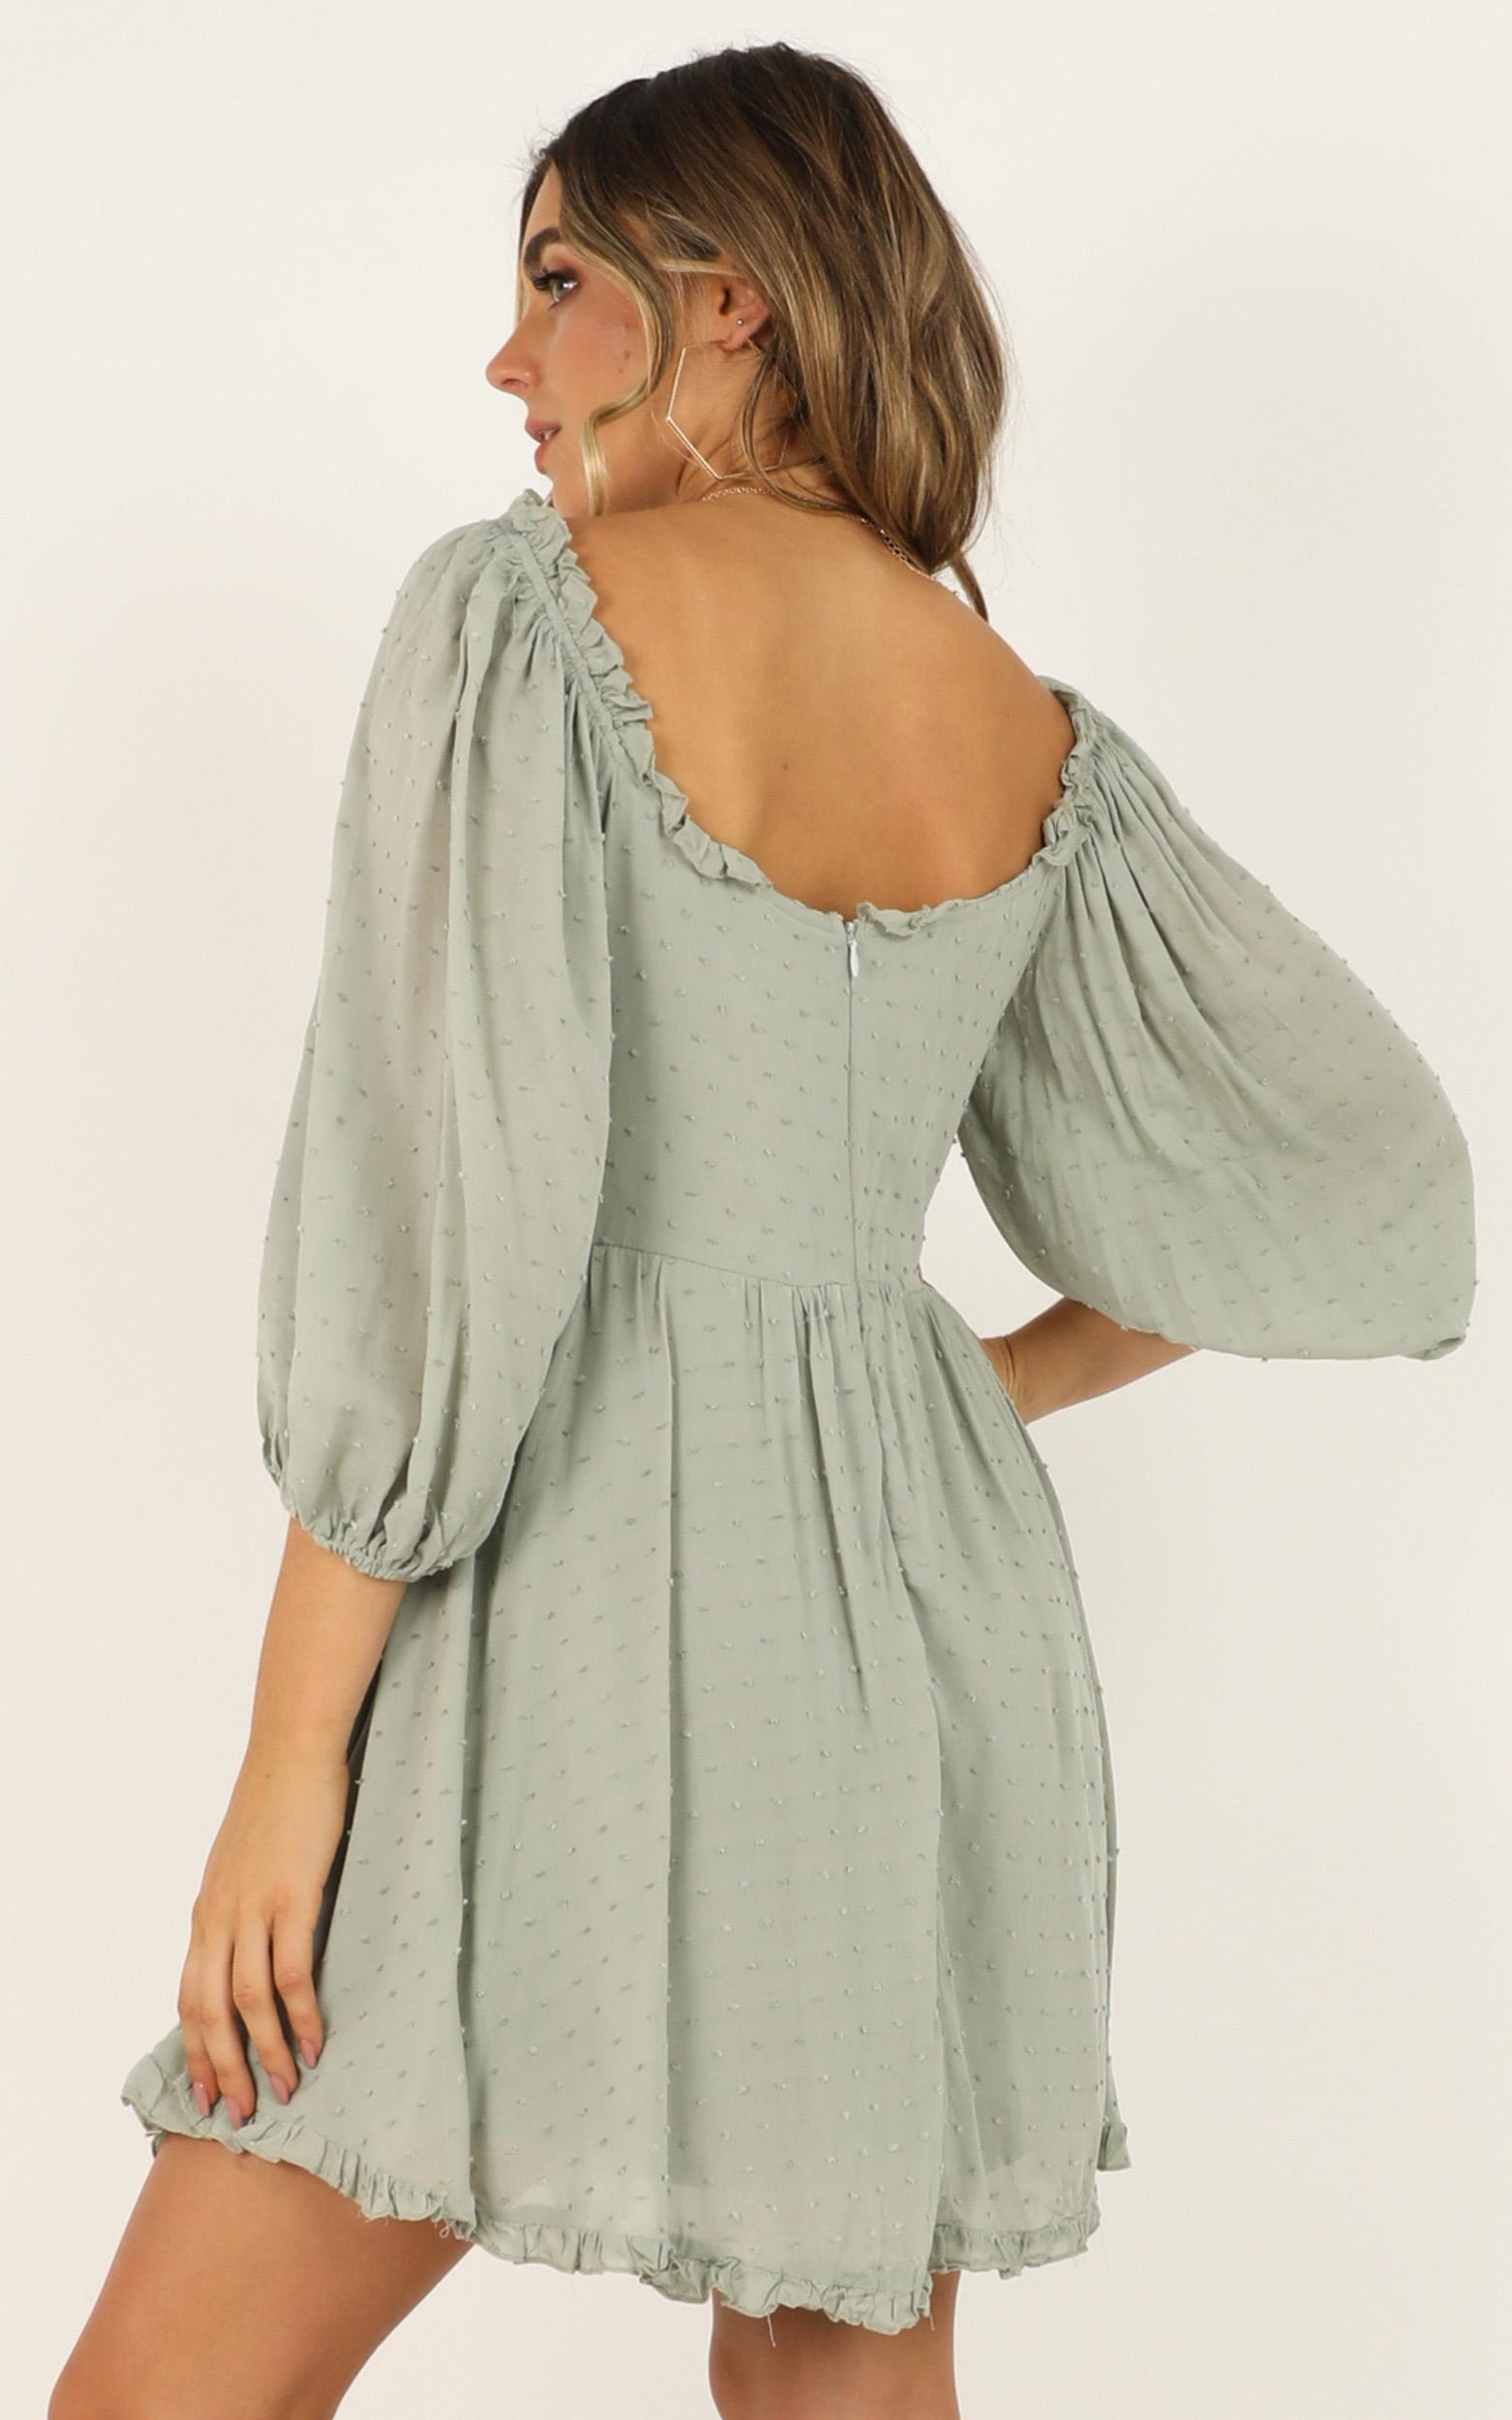 Speak A Little Louder dress in sage - 12 (L), Sage, hi-res image number null